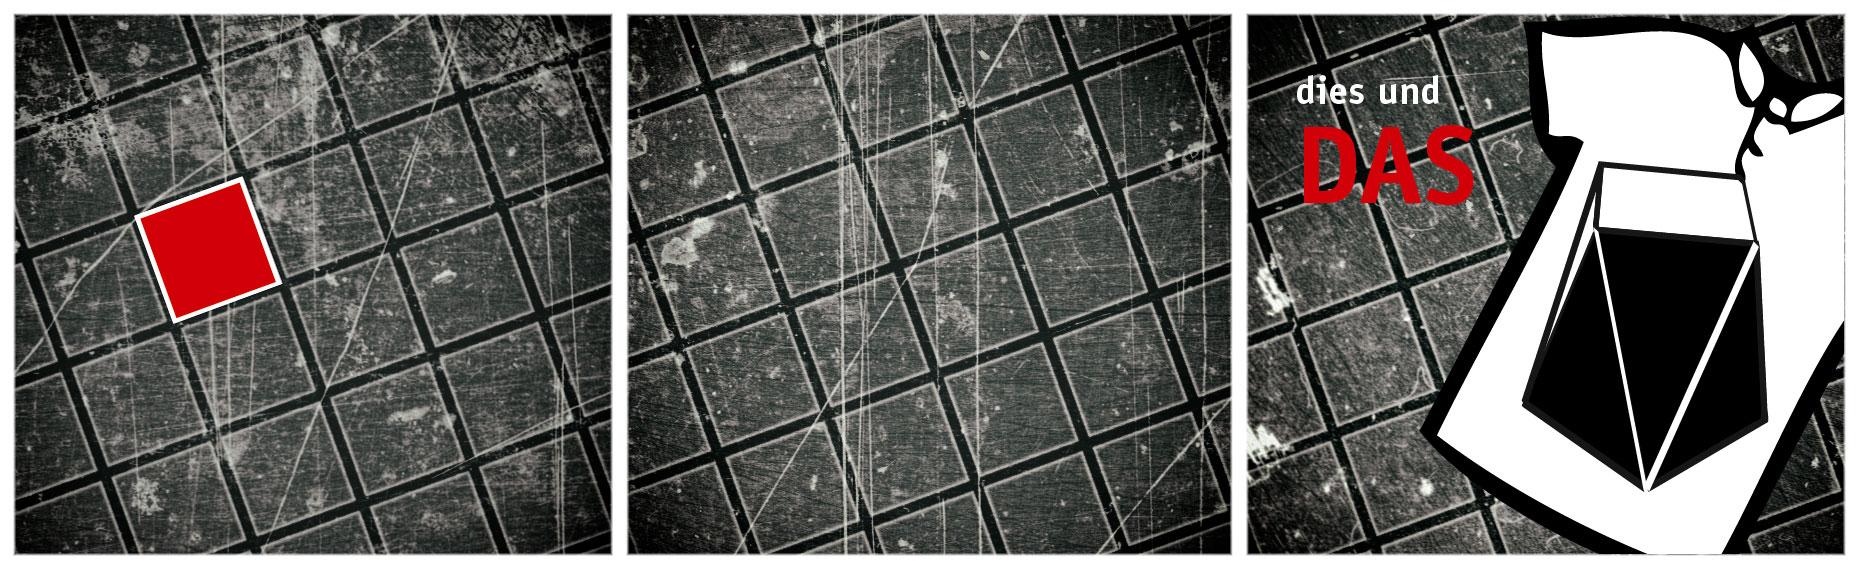 bg galerie pixels undmehr